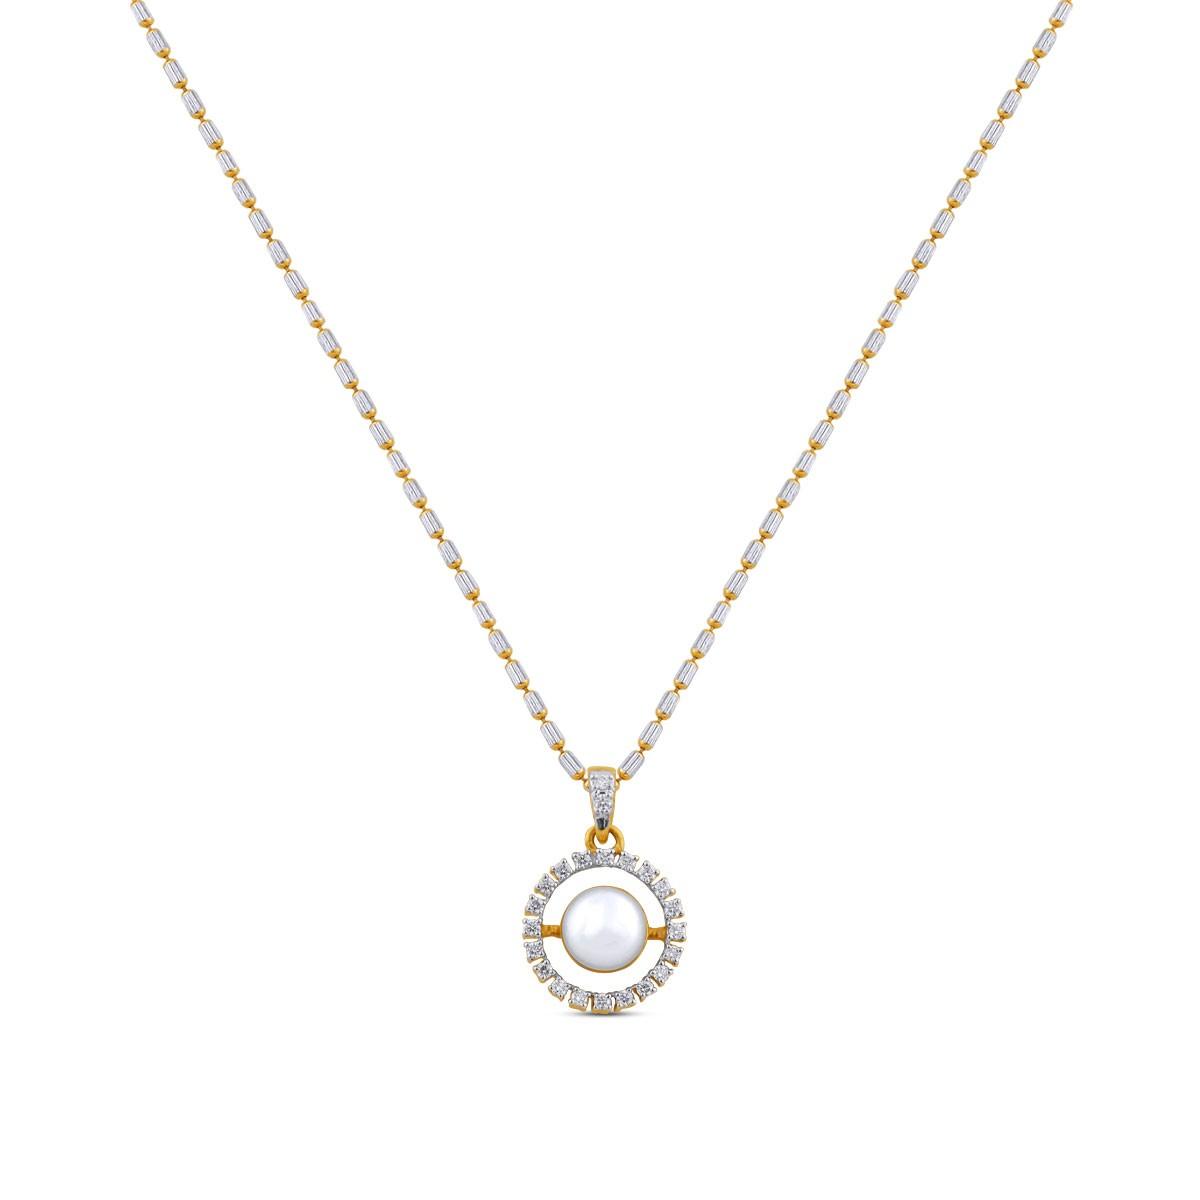 Annello Pearl Diamond Pendant with Chain